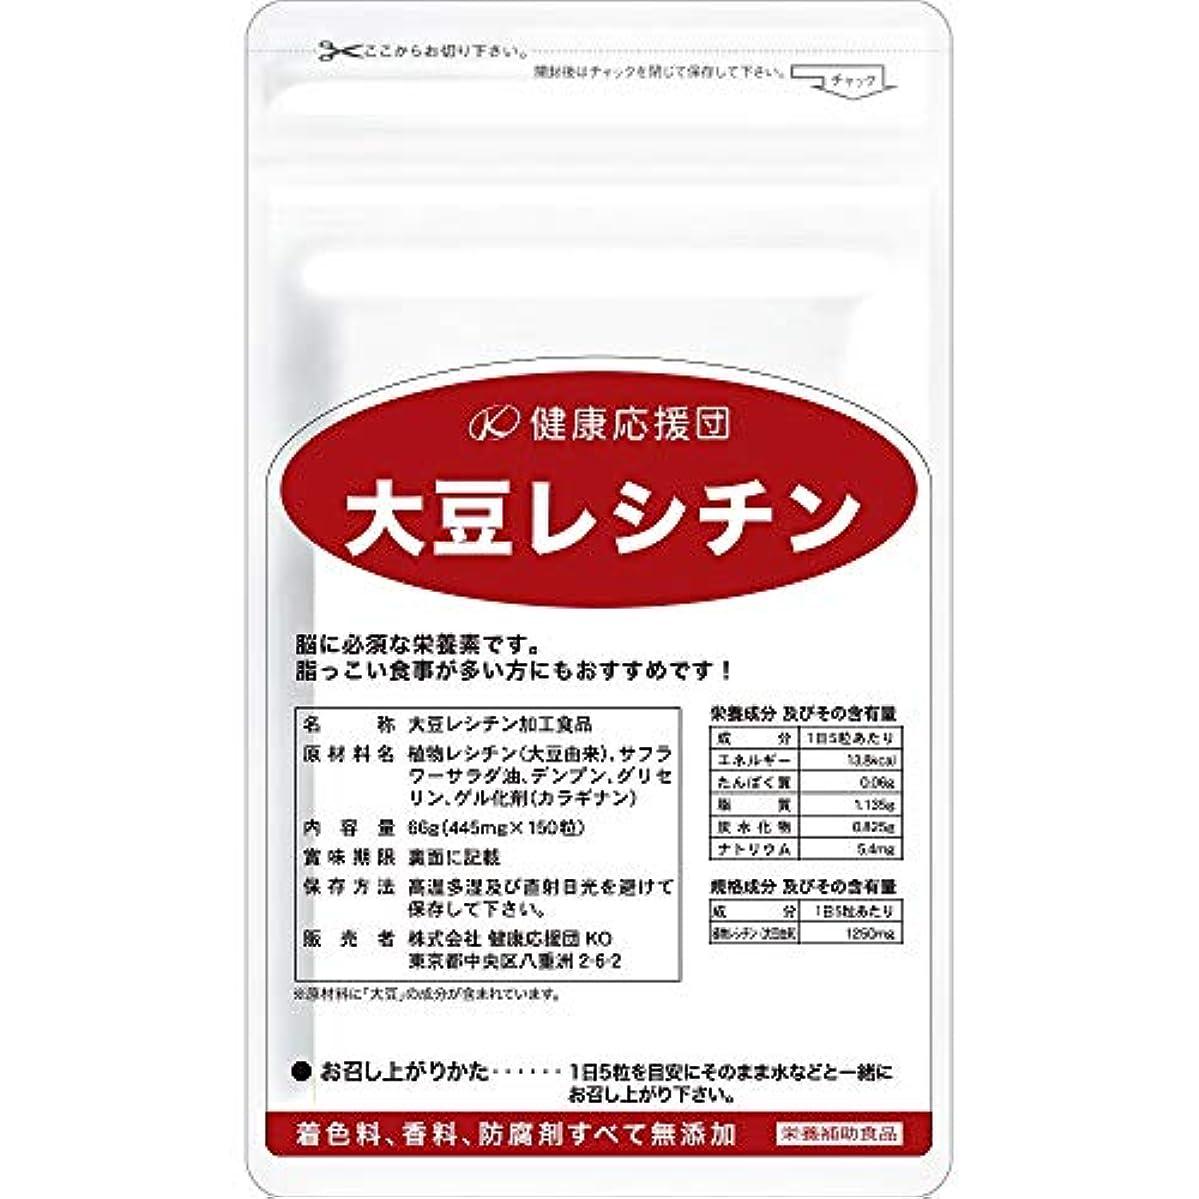 刈る配管工不利大豆レシチン (150粒) 植物ソフトカプセル 国内生産